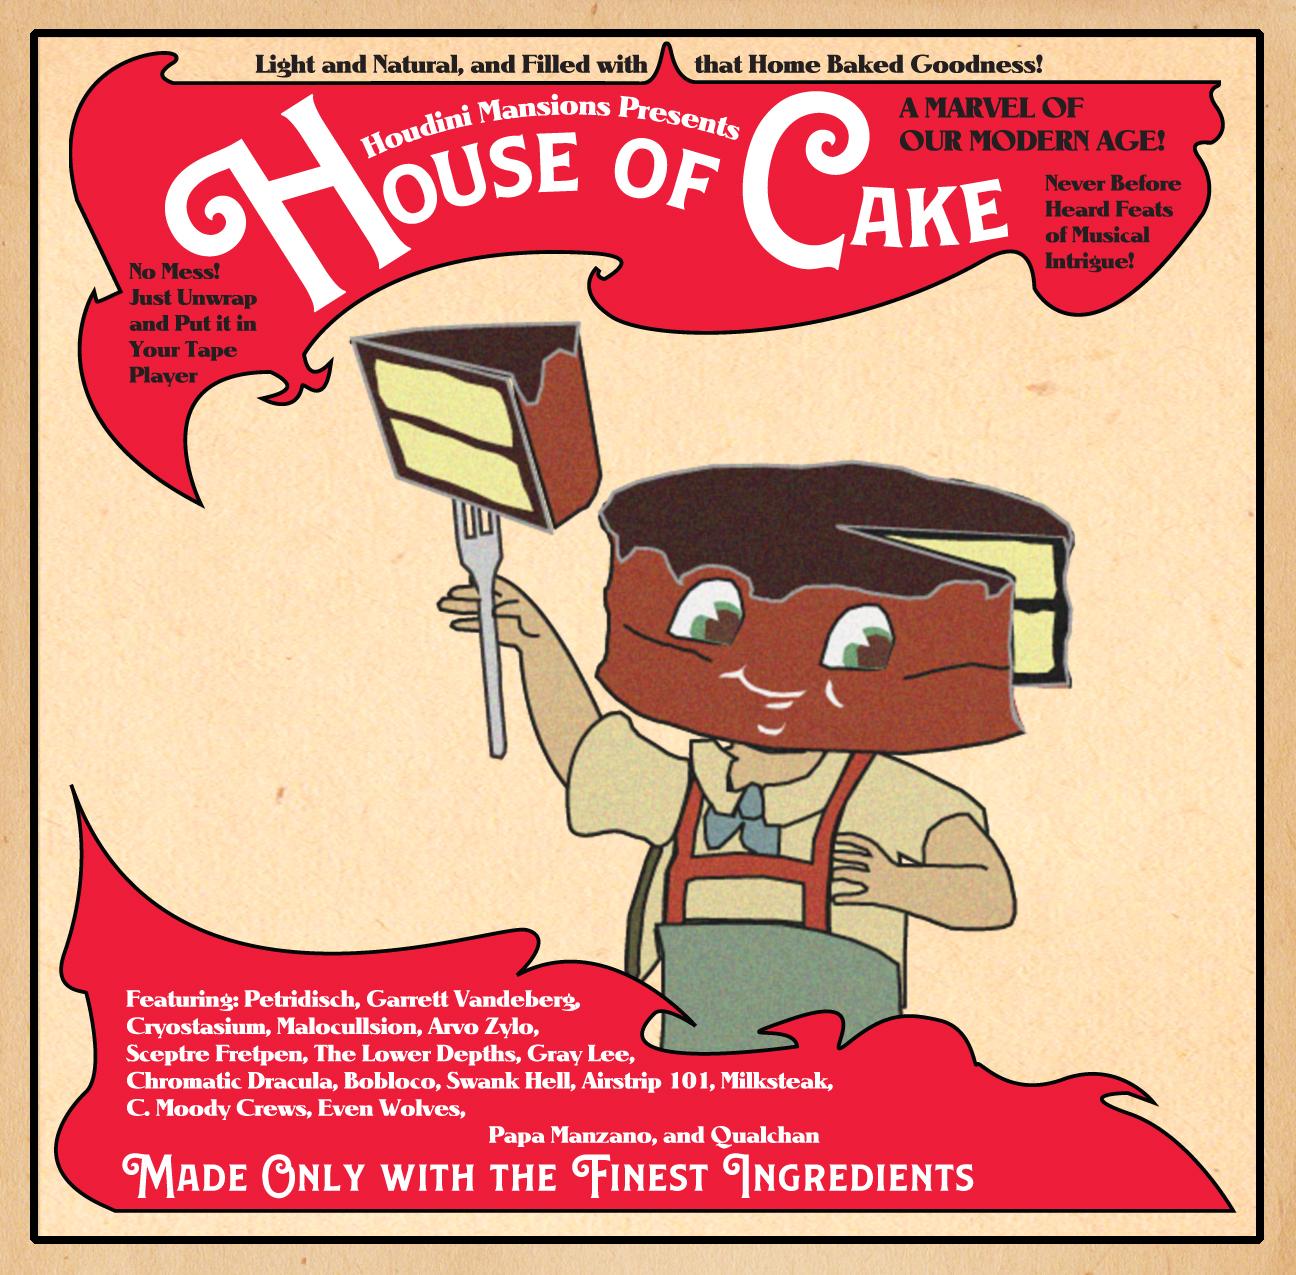 HMR001 - House of Cake